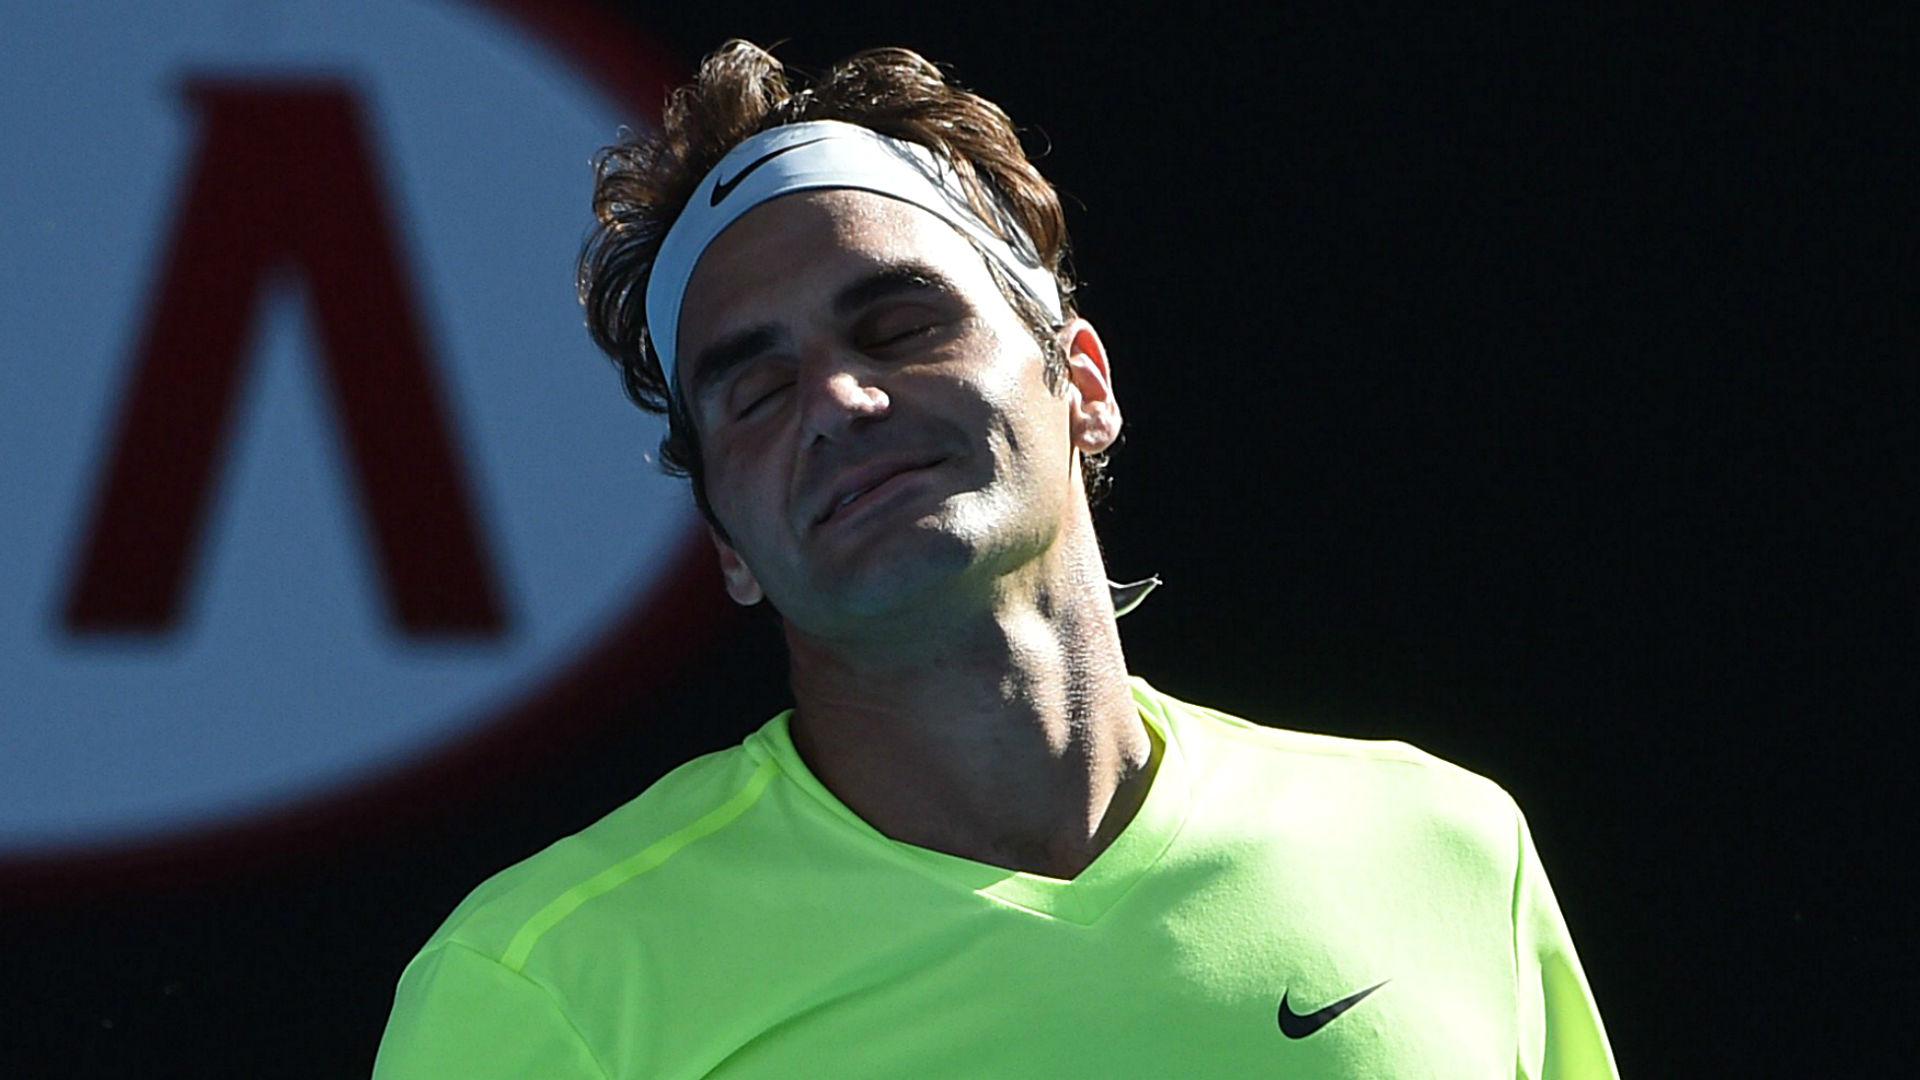 Roger-Federer-012315-Getty-FTR.jpg